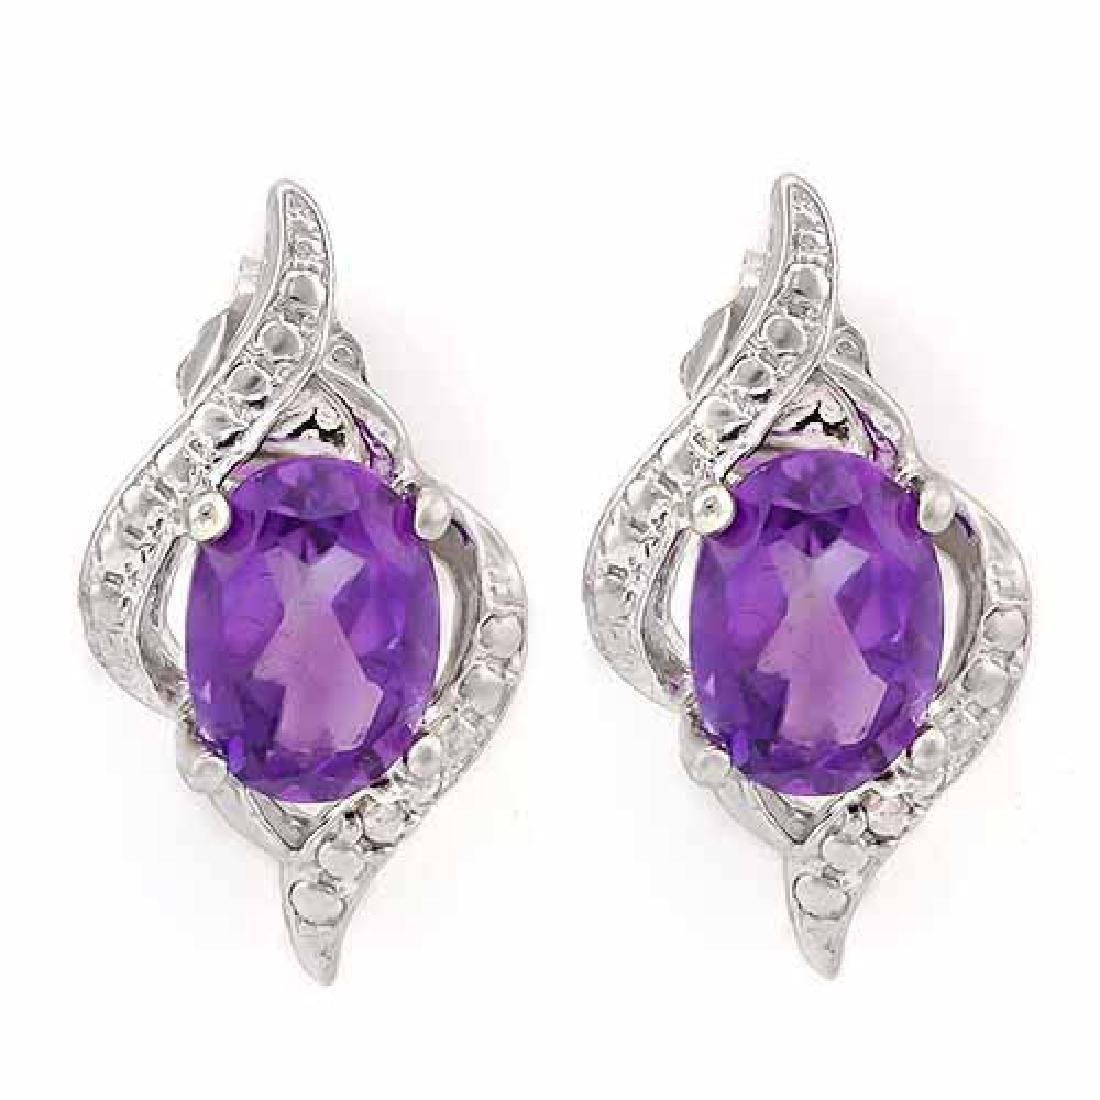 1 1/3 CARAT AMETHYST & DIAMOND 925 STERLING SILVER EARR